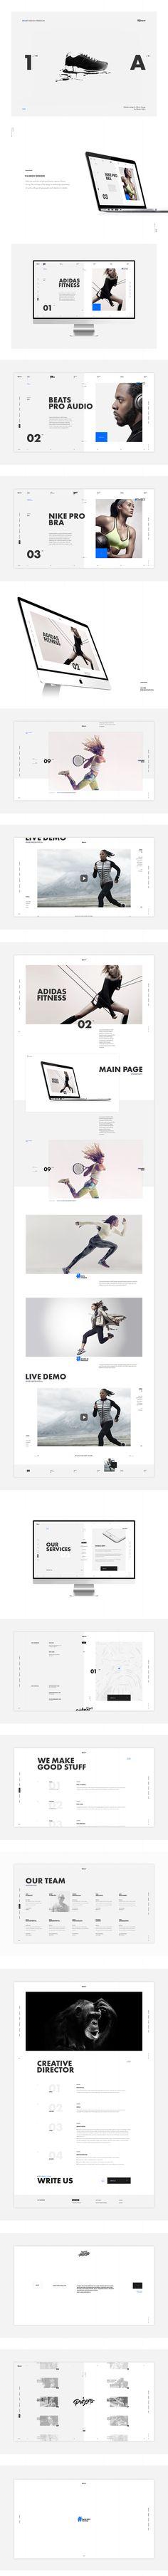 Klimov Design. Вебсайт + мобильная версия в стеке, Сайт © Лёша Юрков